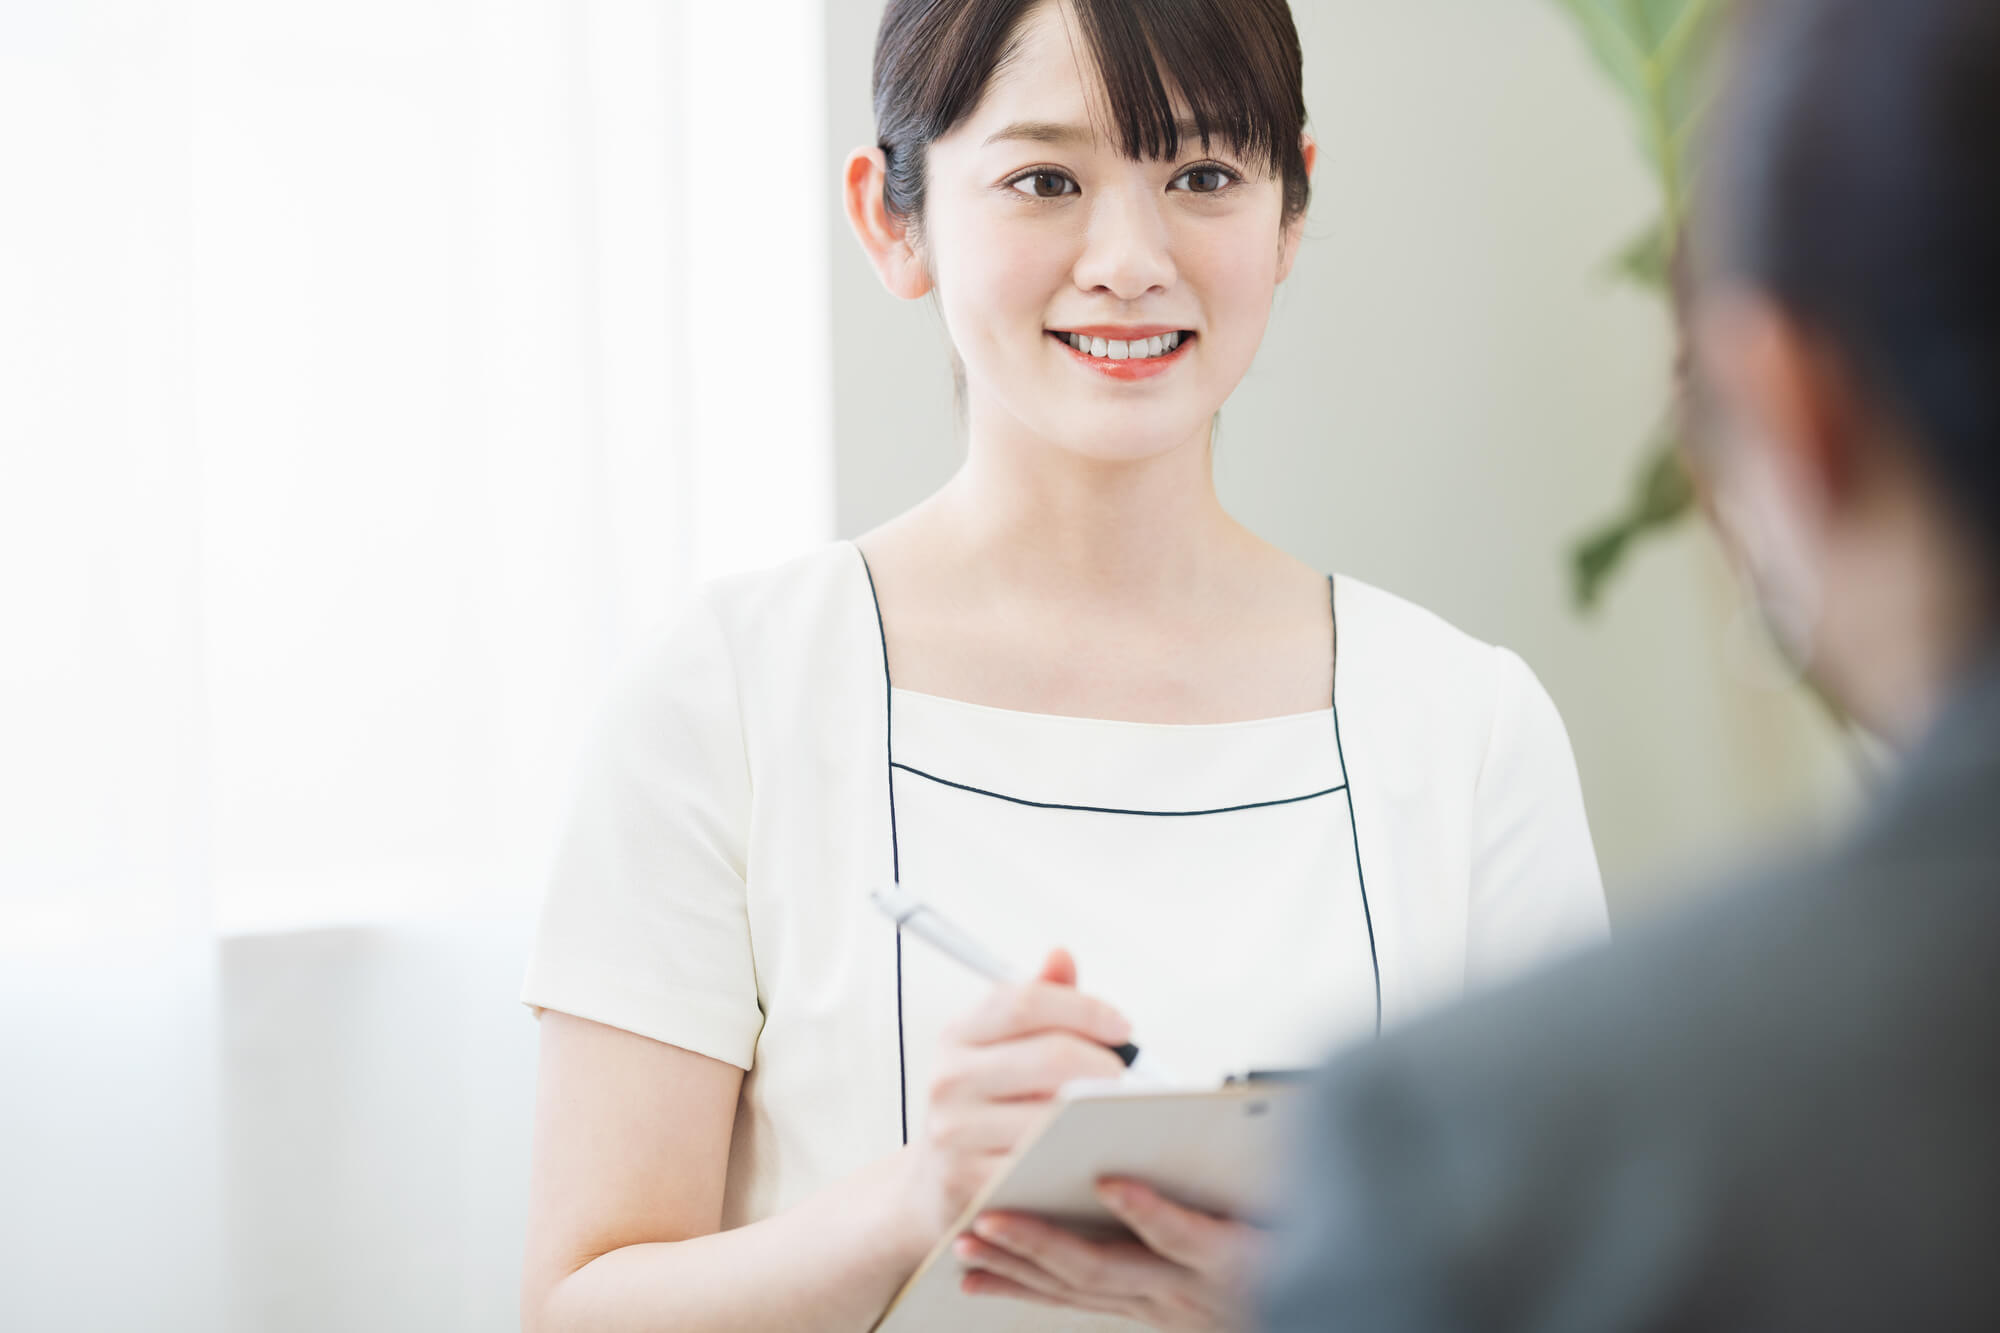 クライアントに心理療法を丁寧に説明する女性カウンセラー